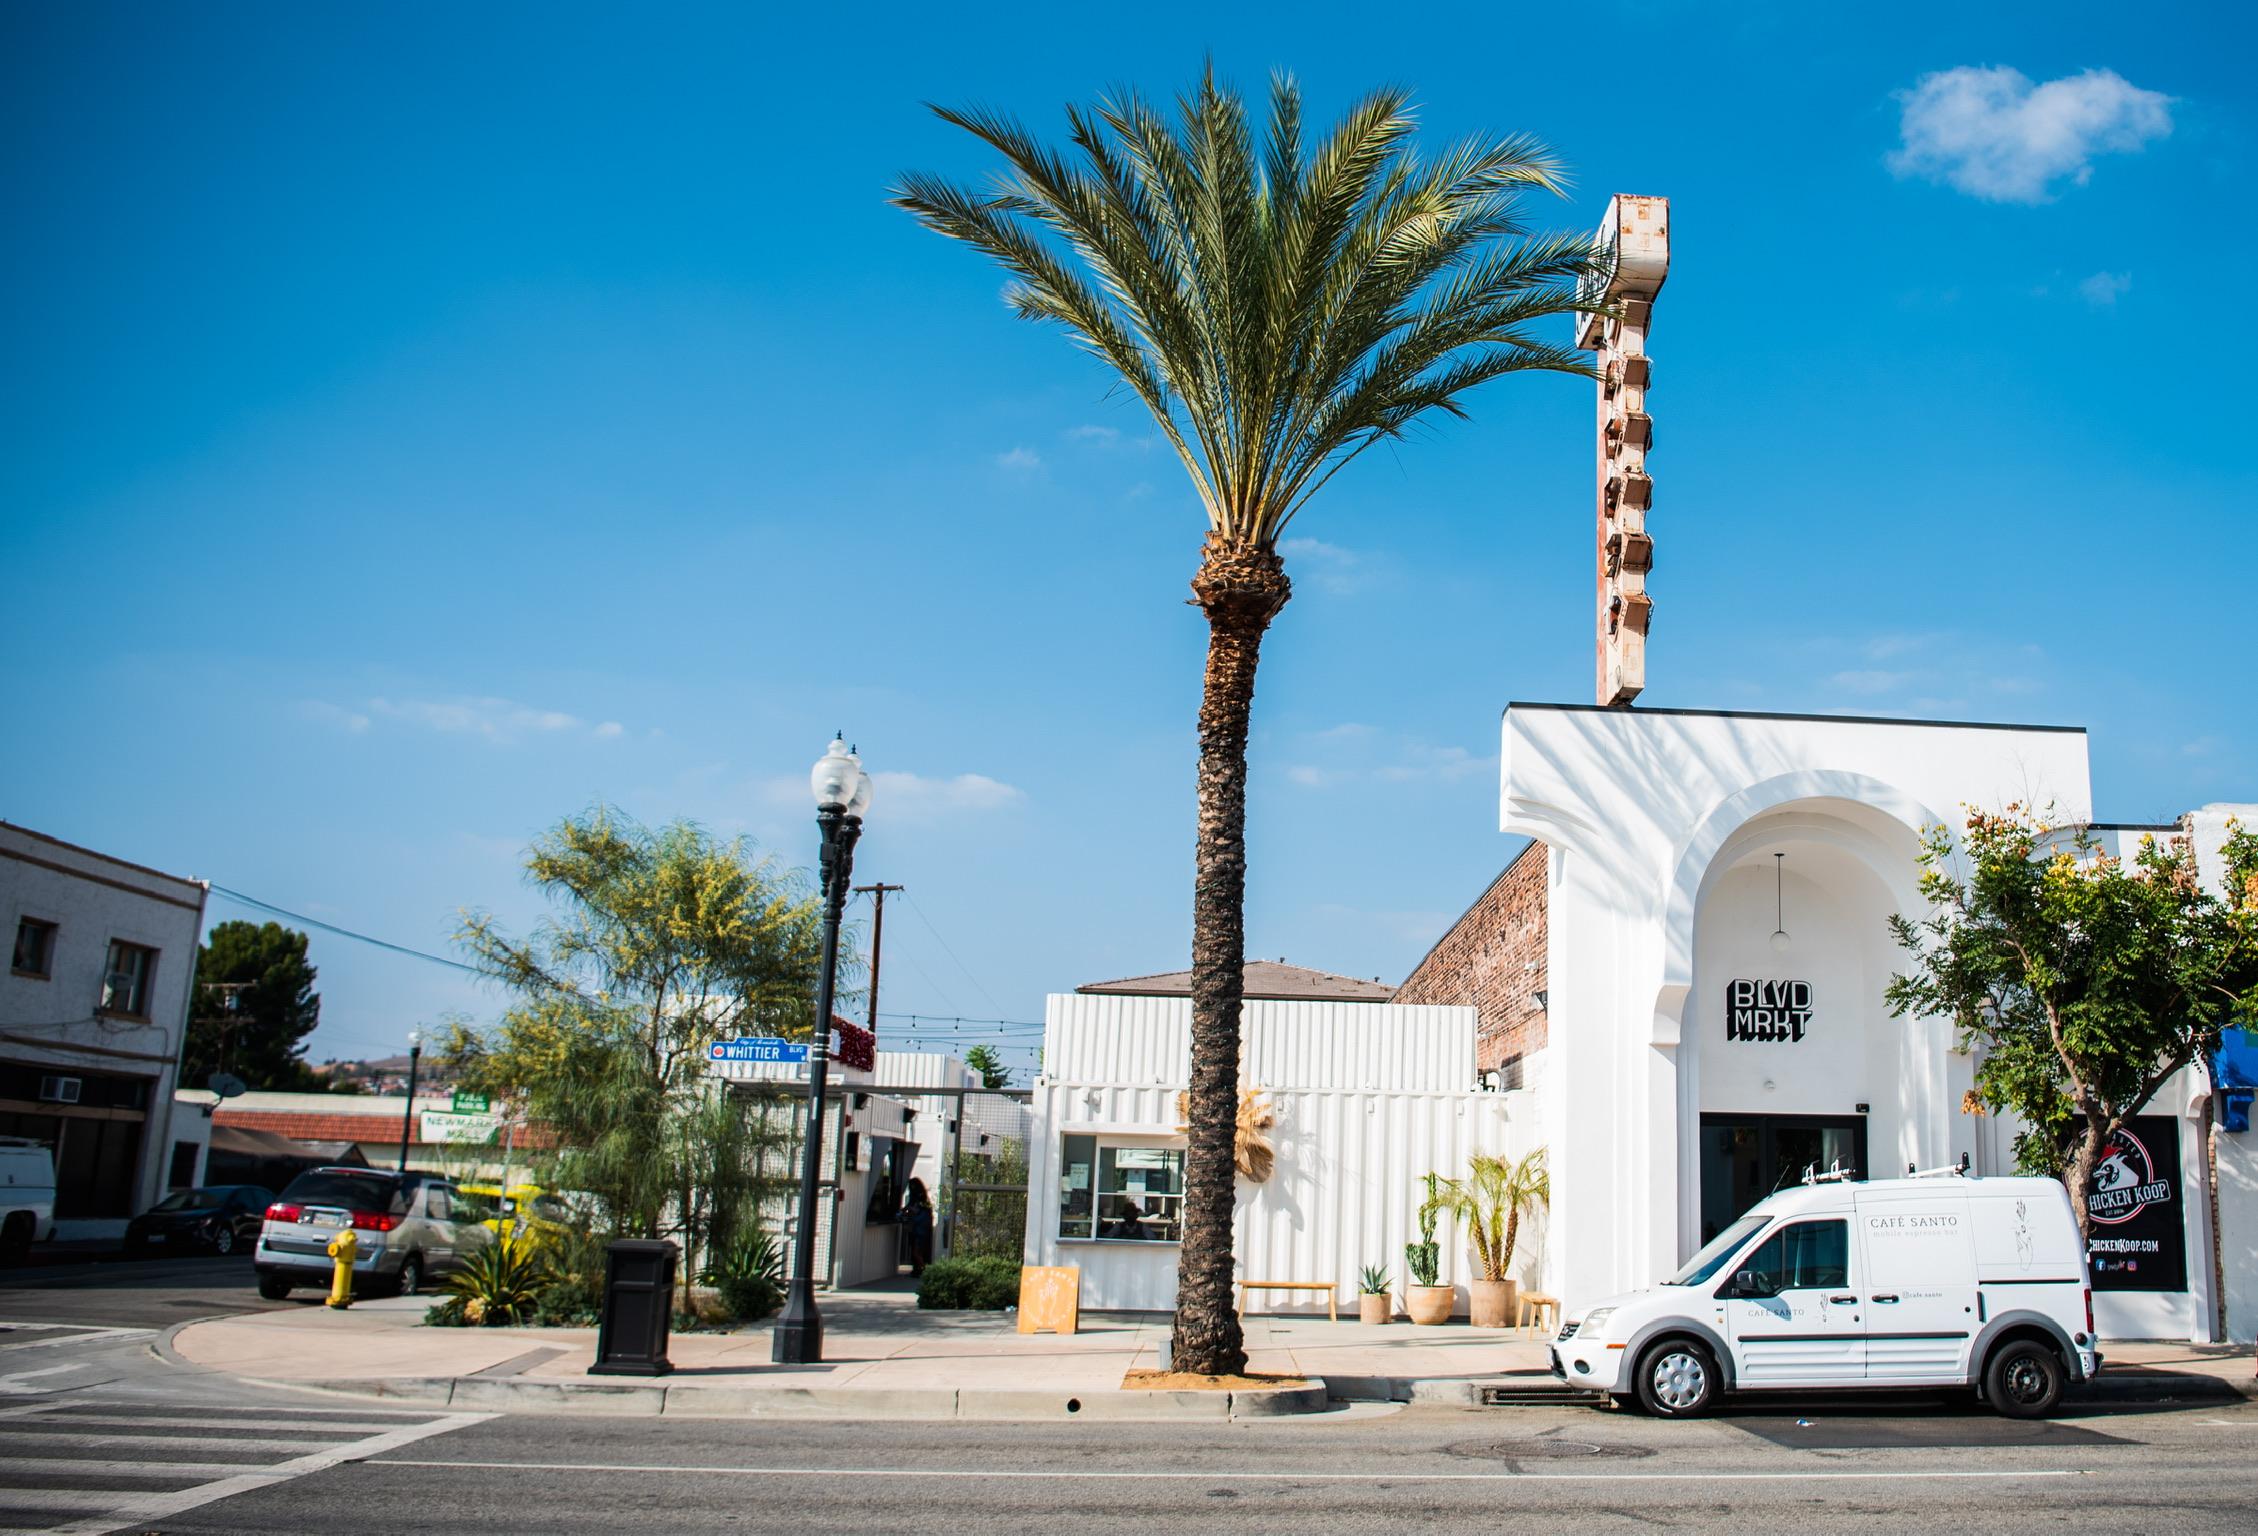 BLVD MRKT food hall in Montebello, California